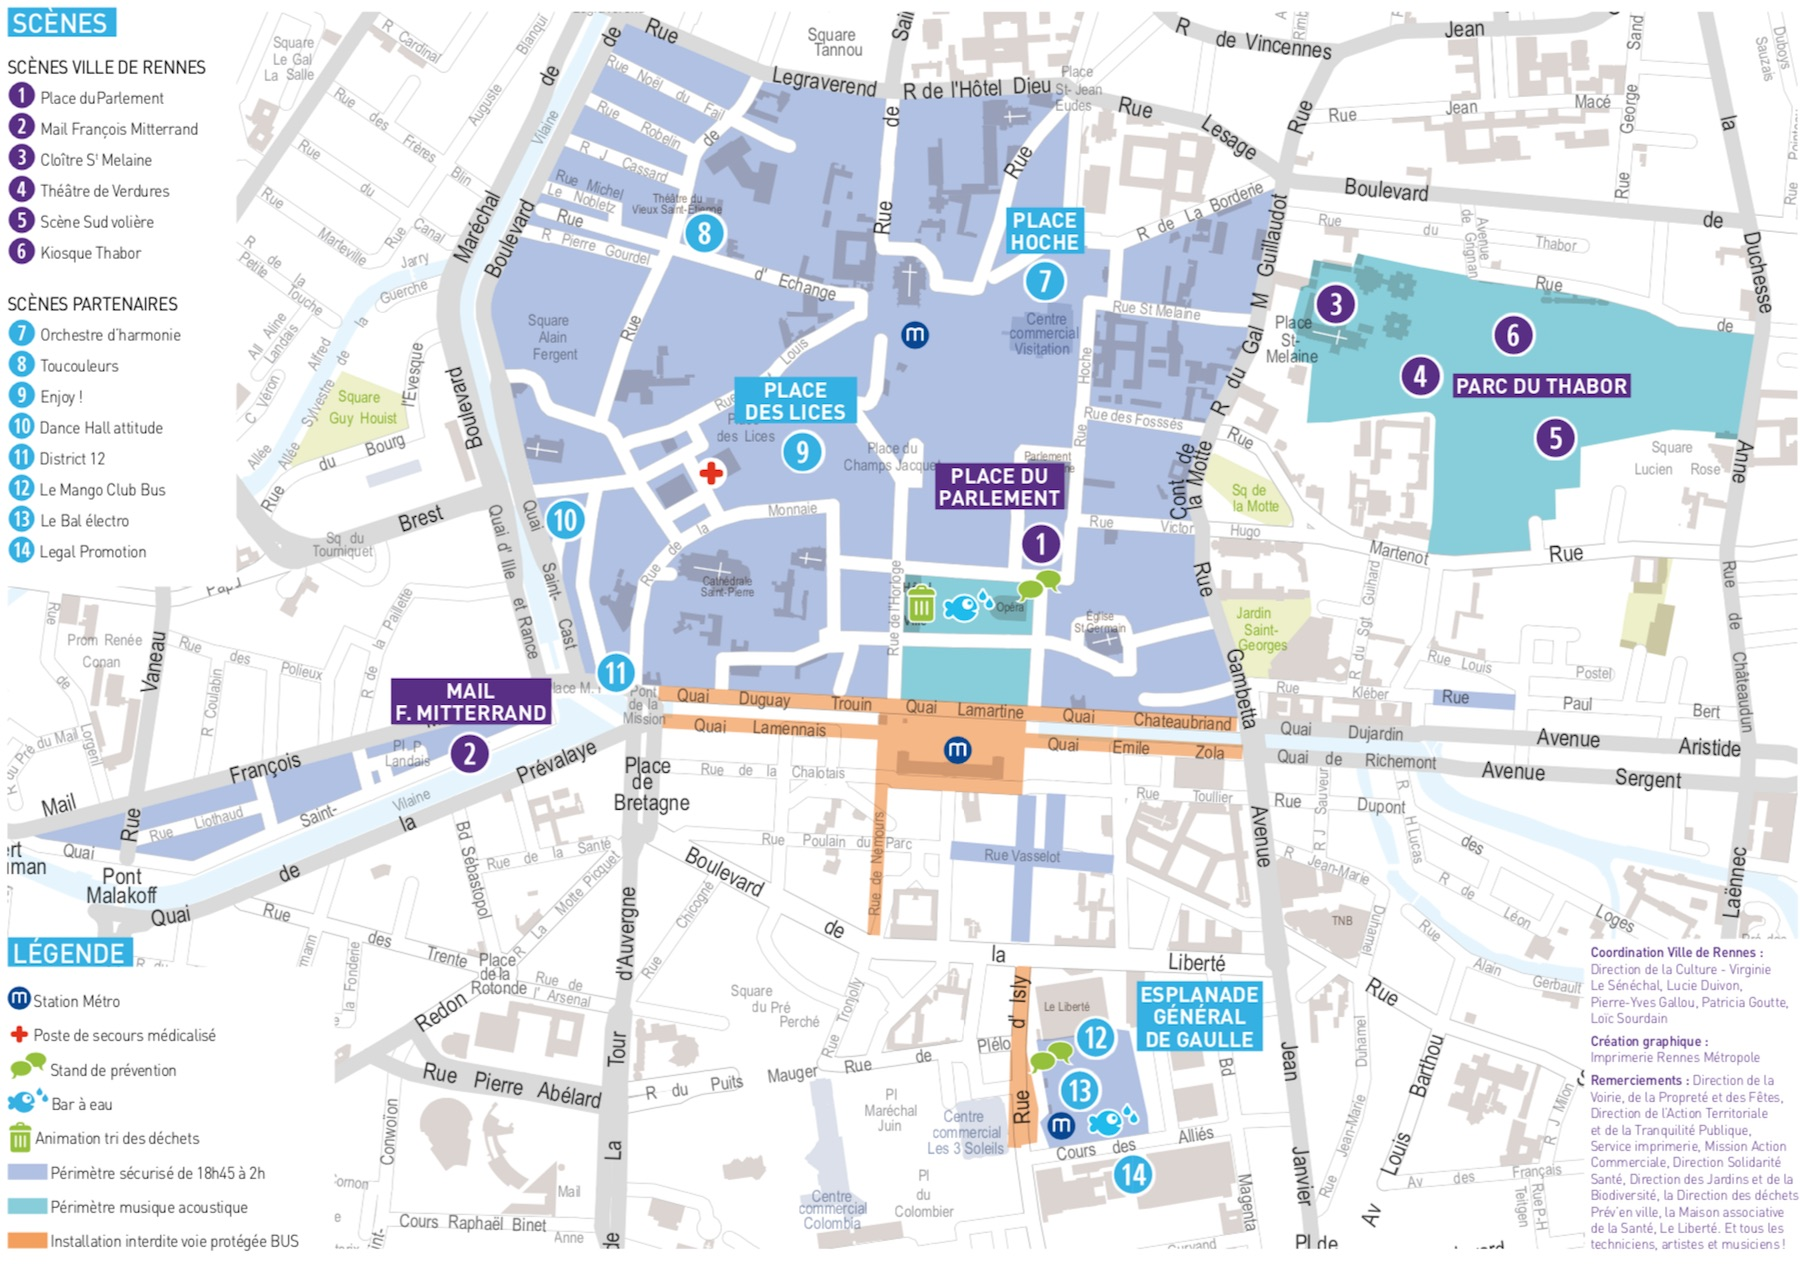 Carte de la fête de la musique 2019 à Rennes